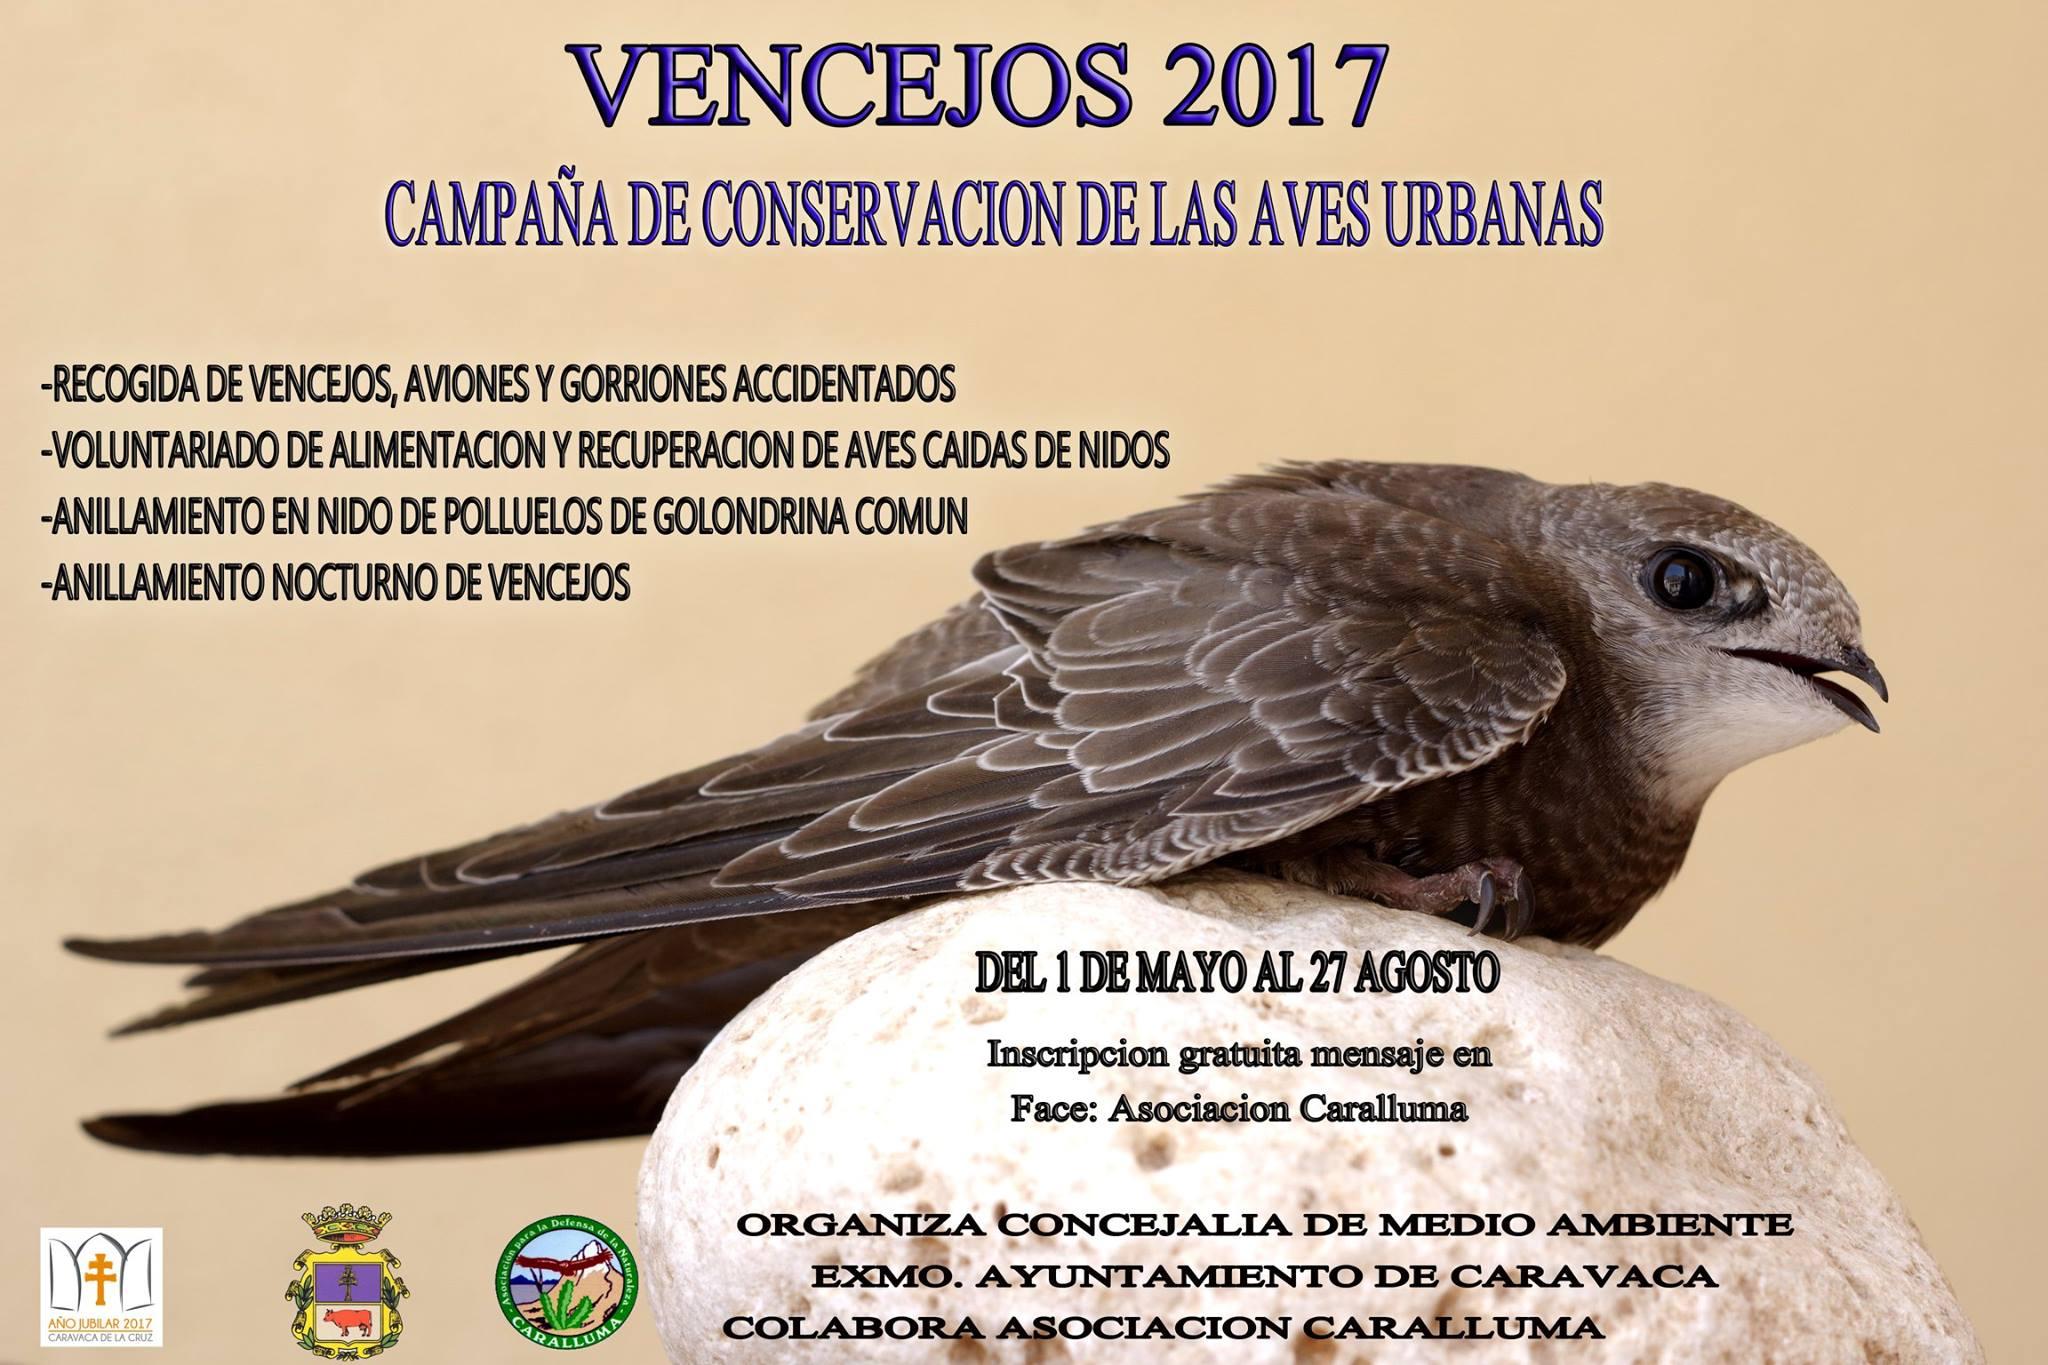 Campaña de Conservación de las Aves Urbanas, con Caralluma